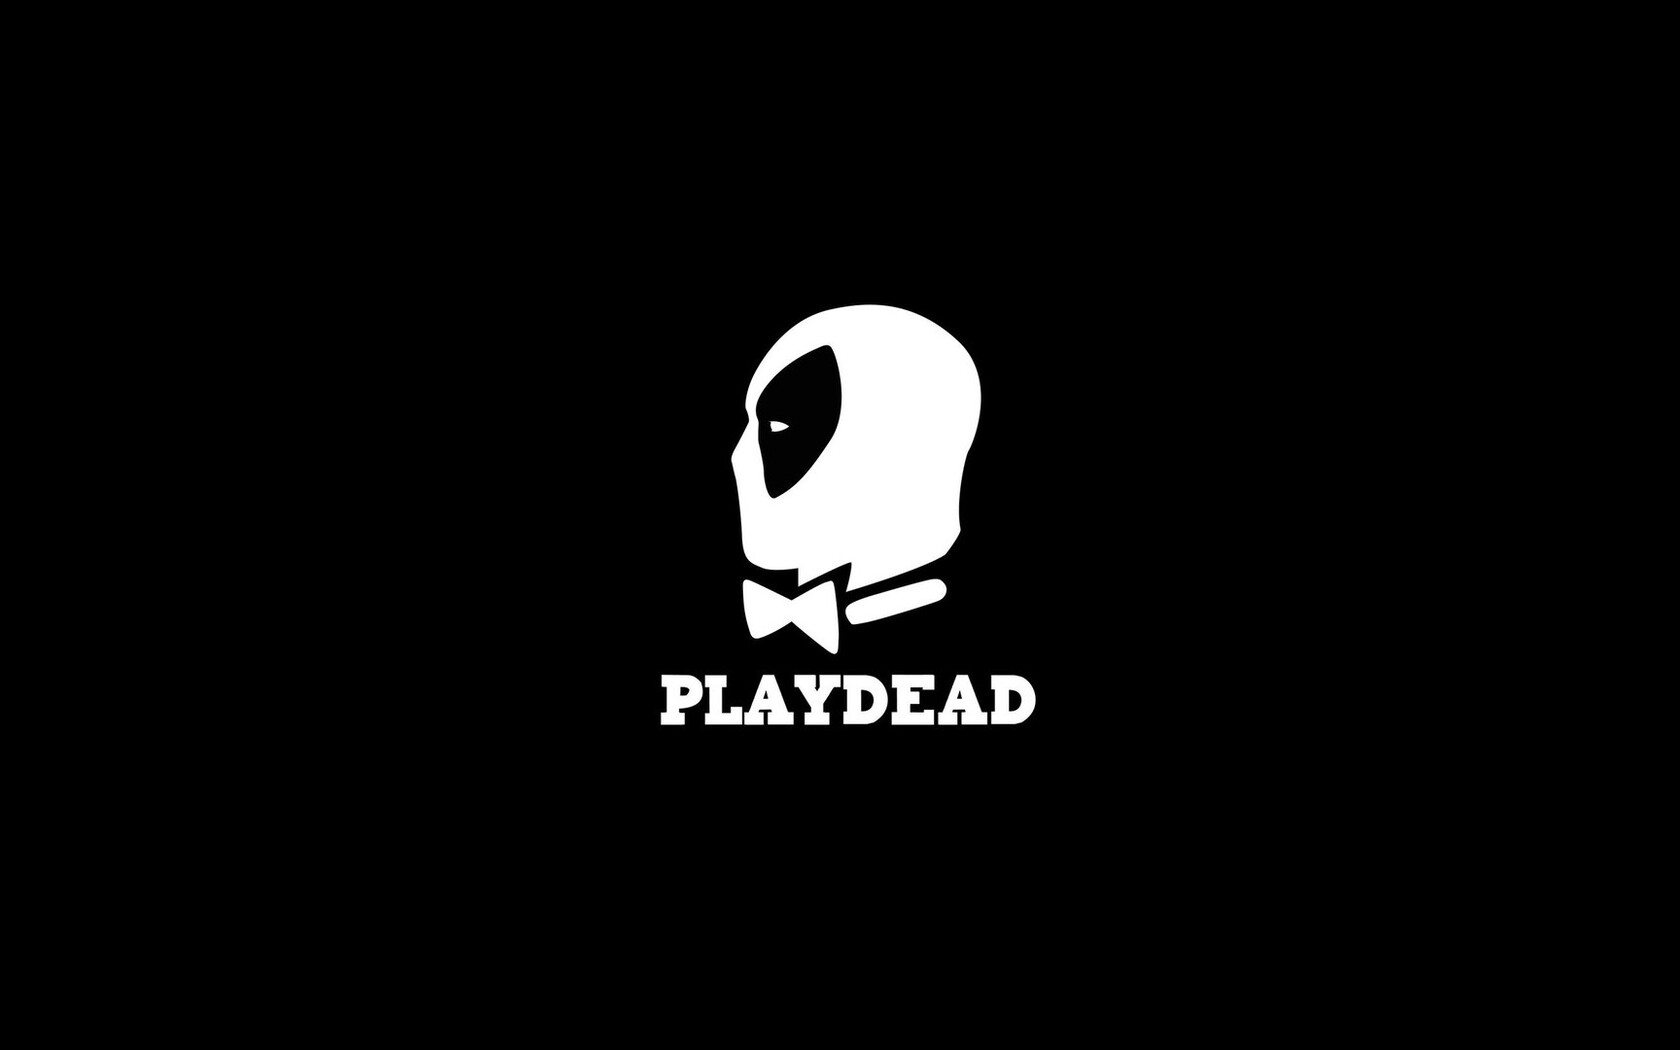 deadpool-minimalism-image.jpg